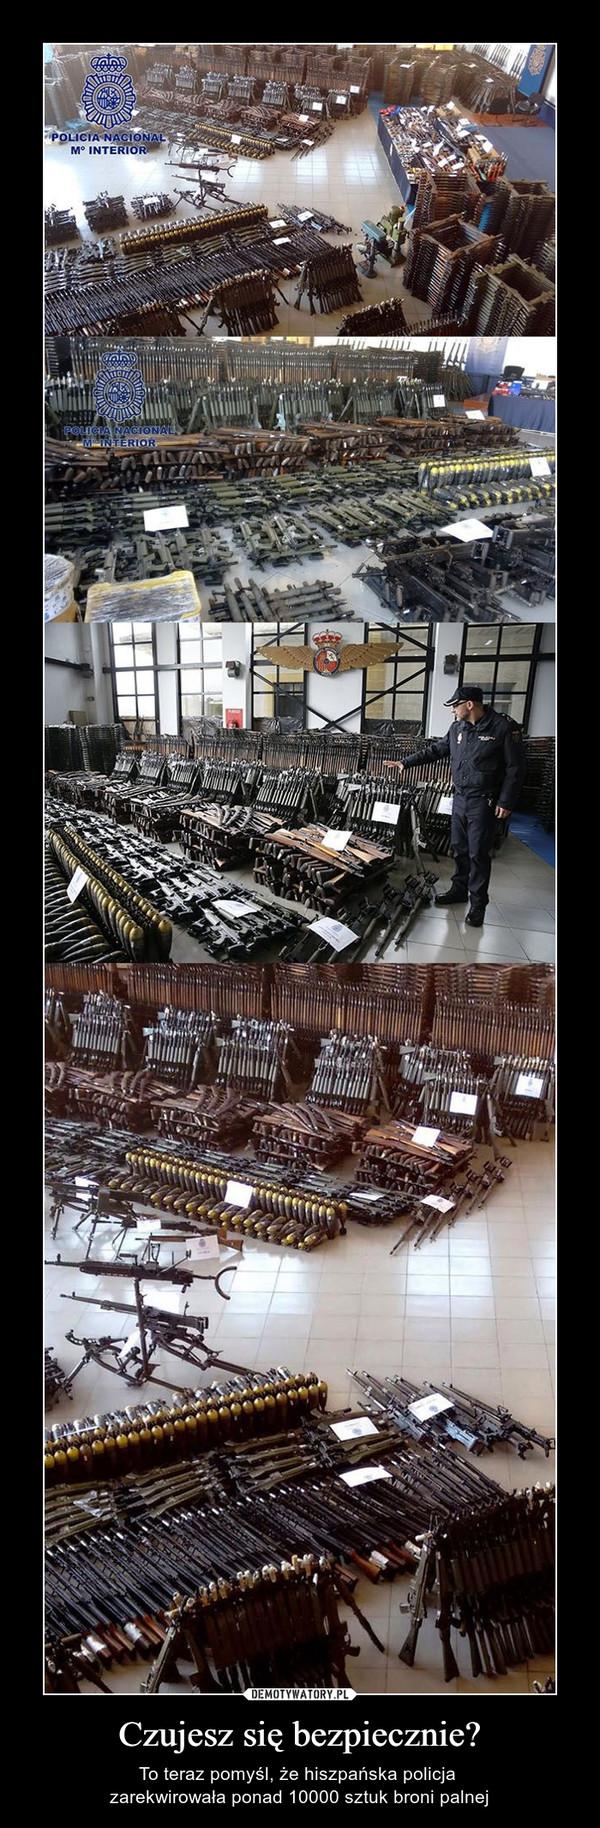 Czujesz się bezpiecznie? – To teraz pomyśl, że hiszpańska policja zarekwirowała ponad 10000 sztuk broni palnej